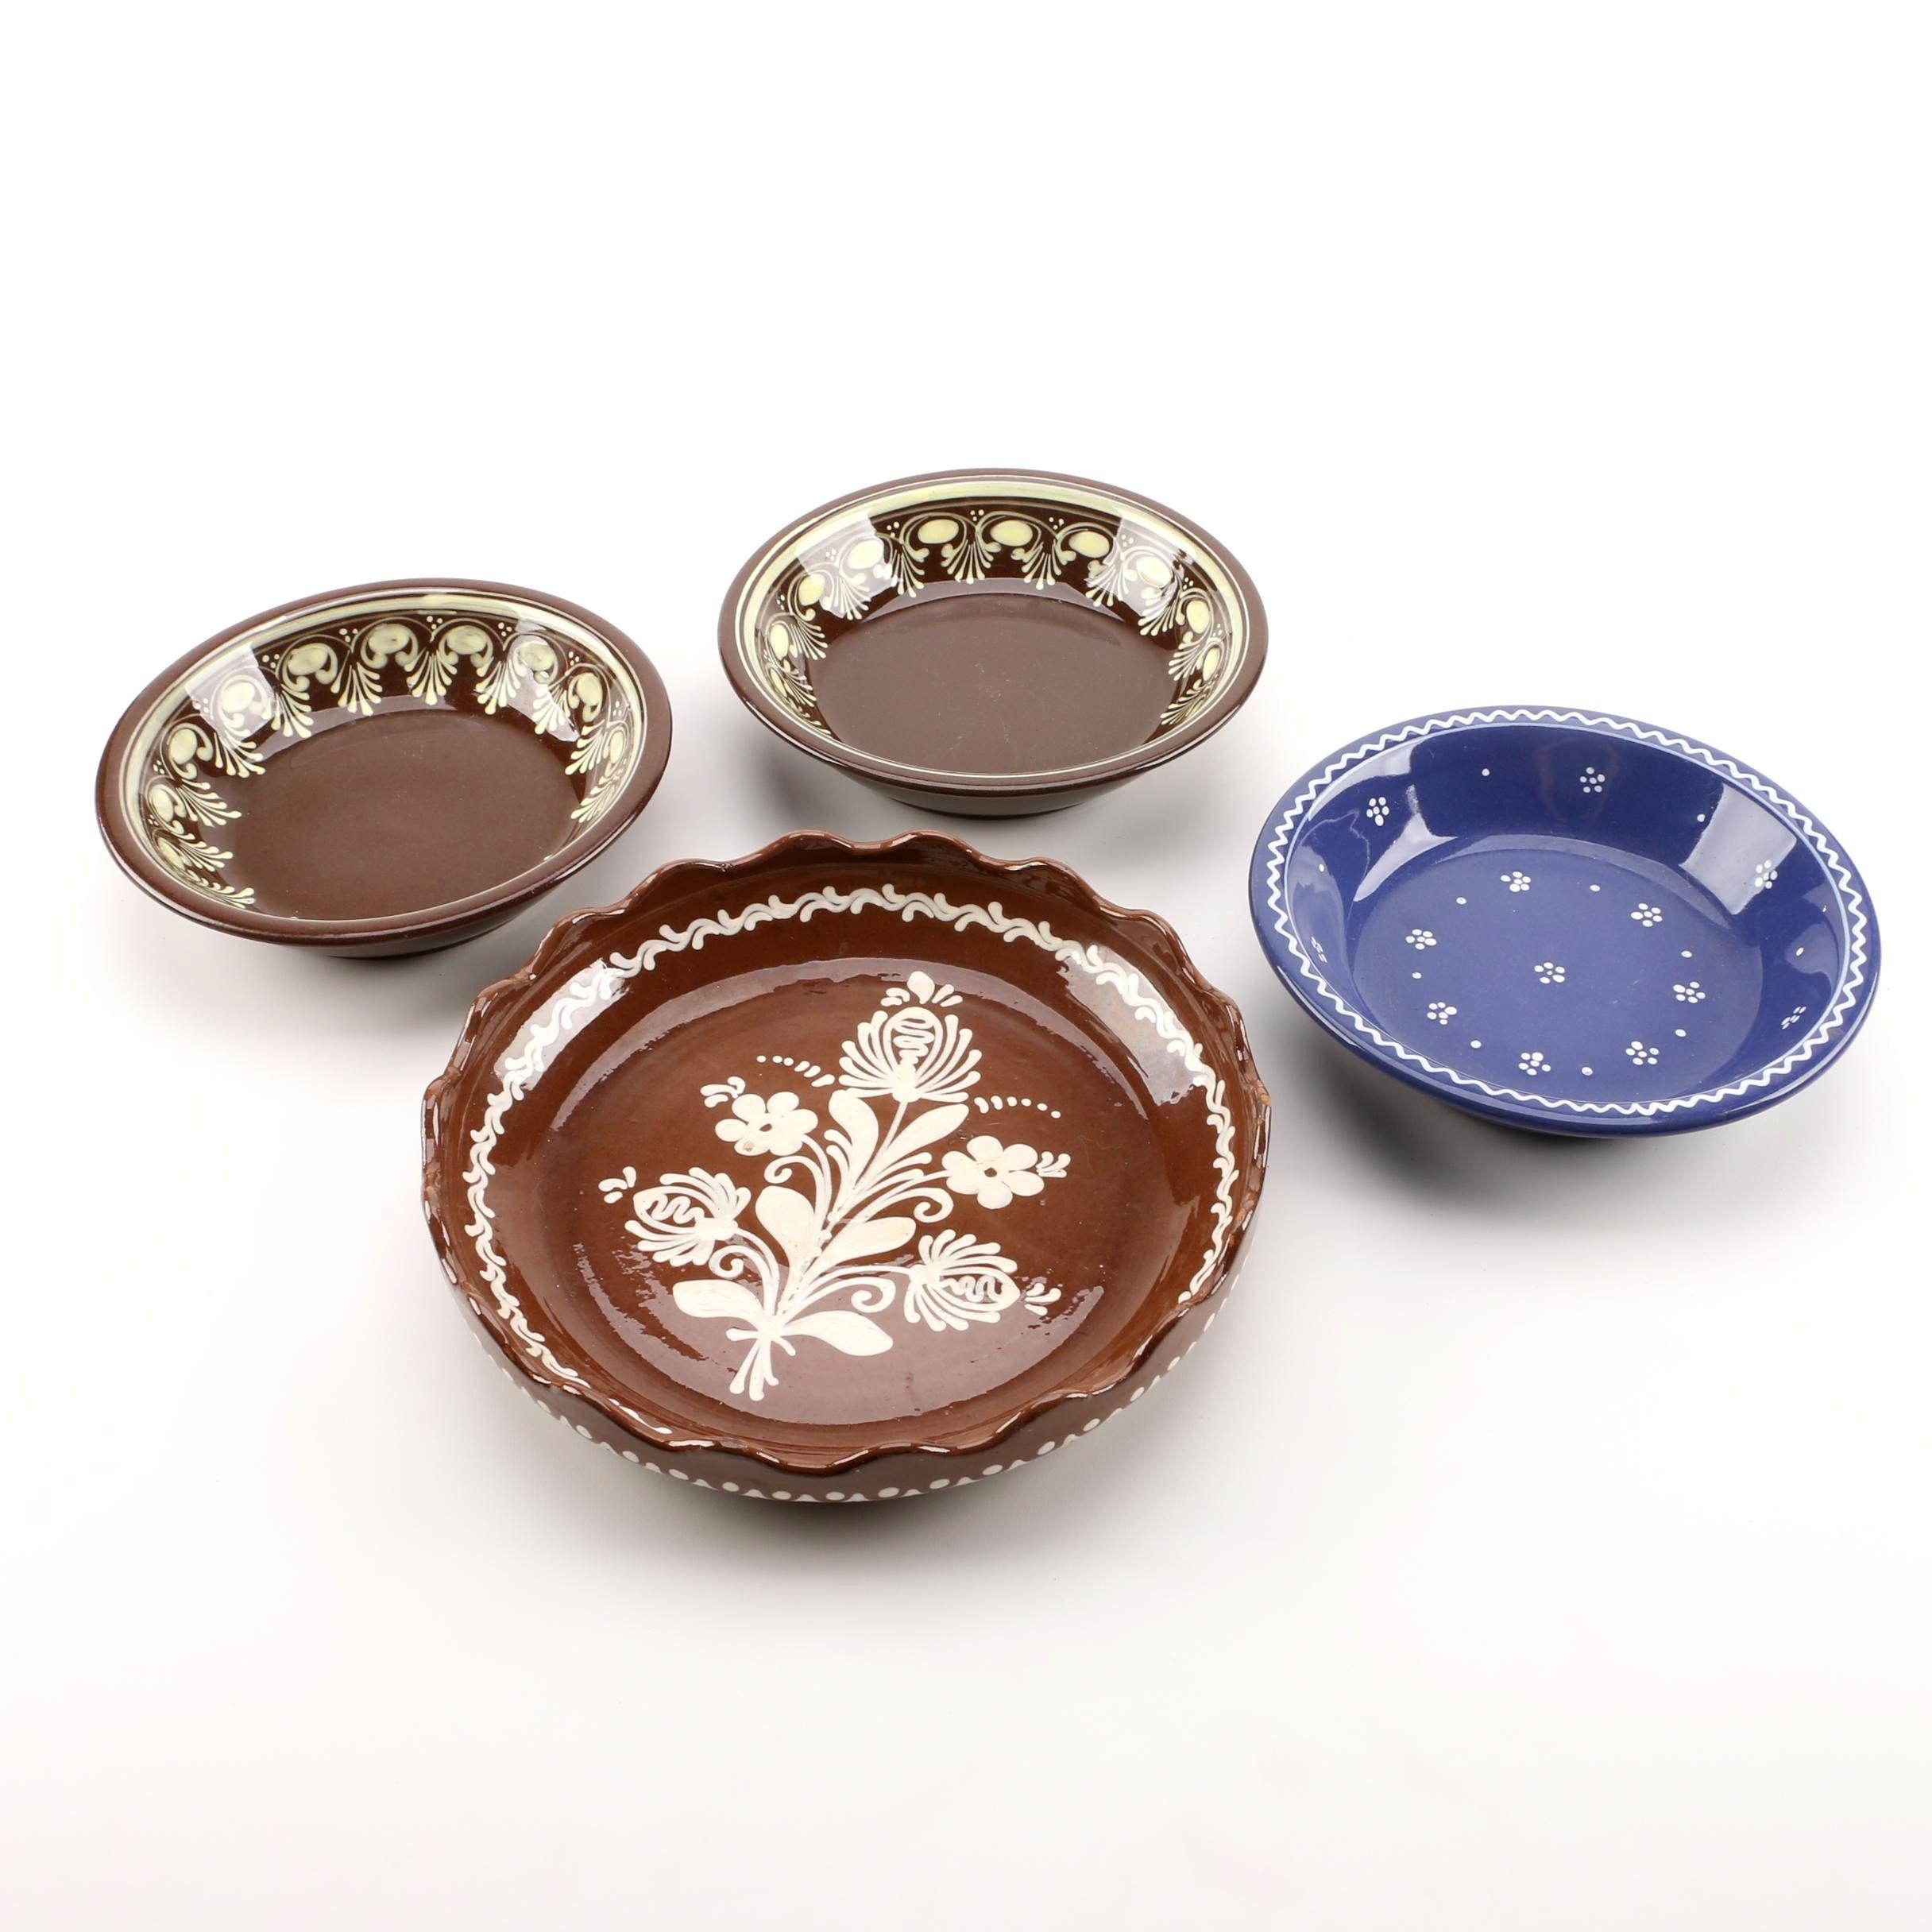 Városlõd Majolika Hand Painted Stoneware Bowls